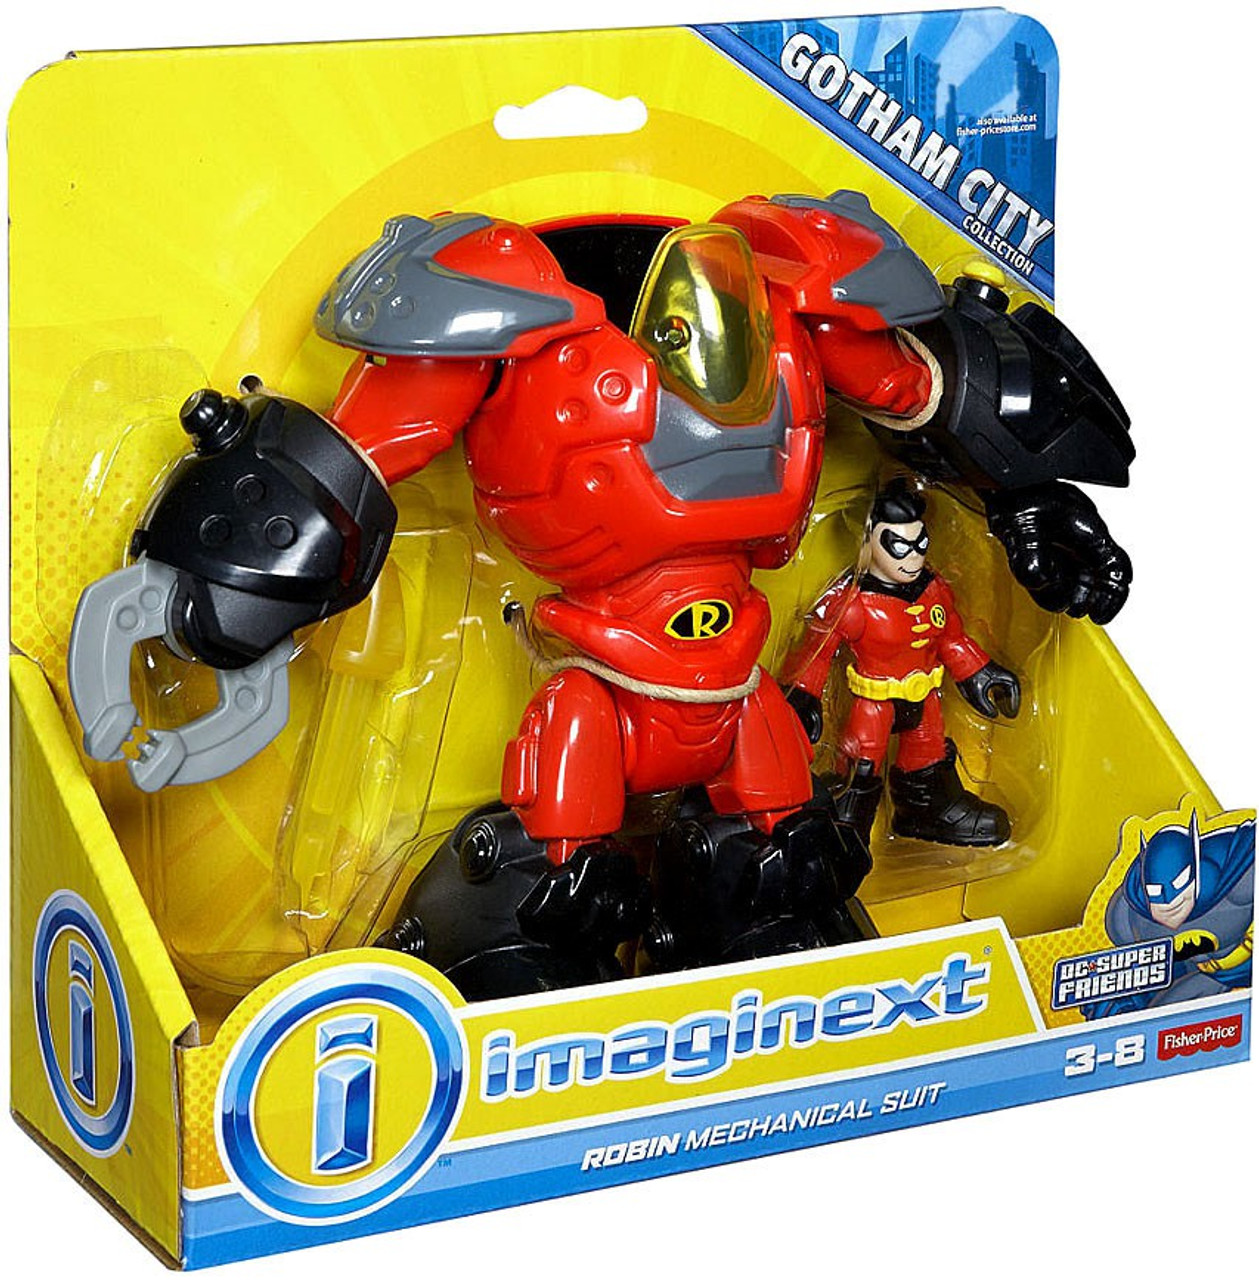 Fisher Price DC Super Friends Batman Imaginext Robin Mechanical Suit Exclusive 3 Figure Set - ToyWiz